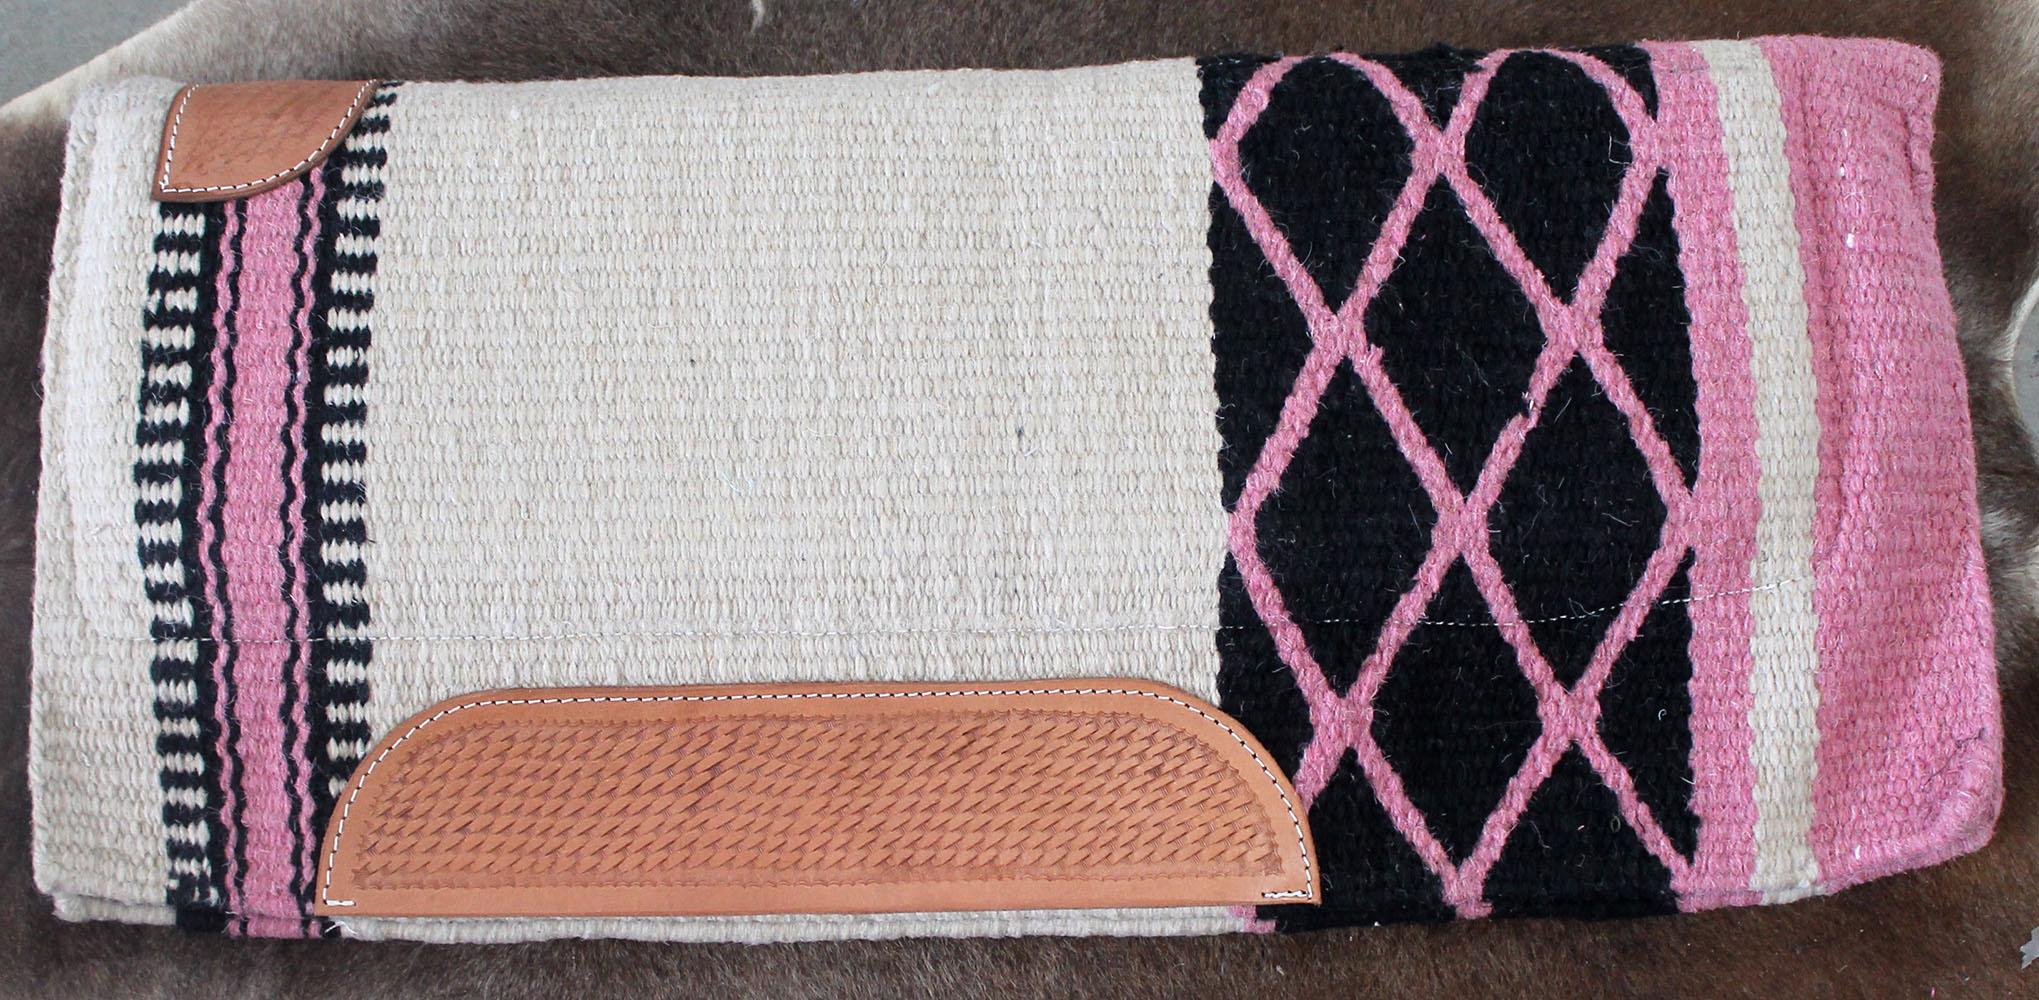 Mostrar occidental lana cojín Rodeo manta de caballo Trail Tachuela 3892